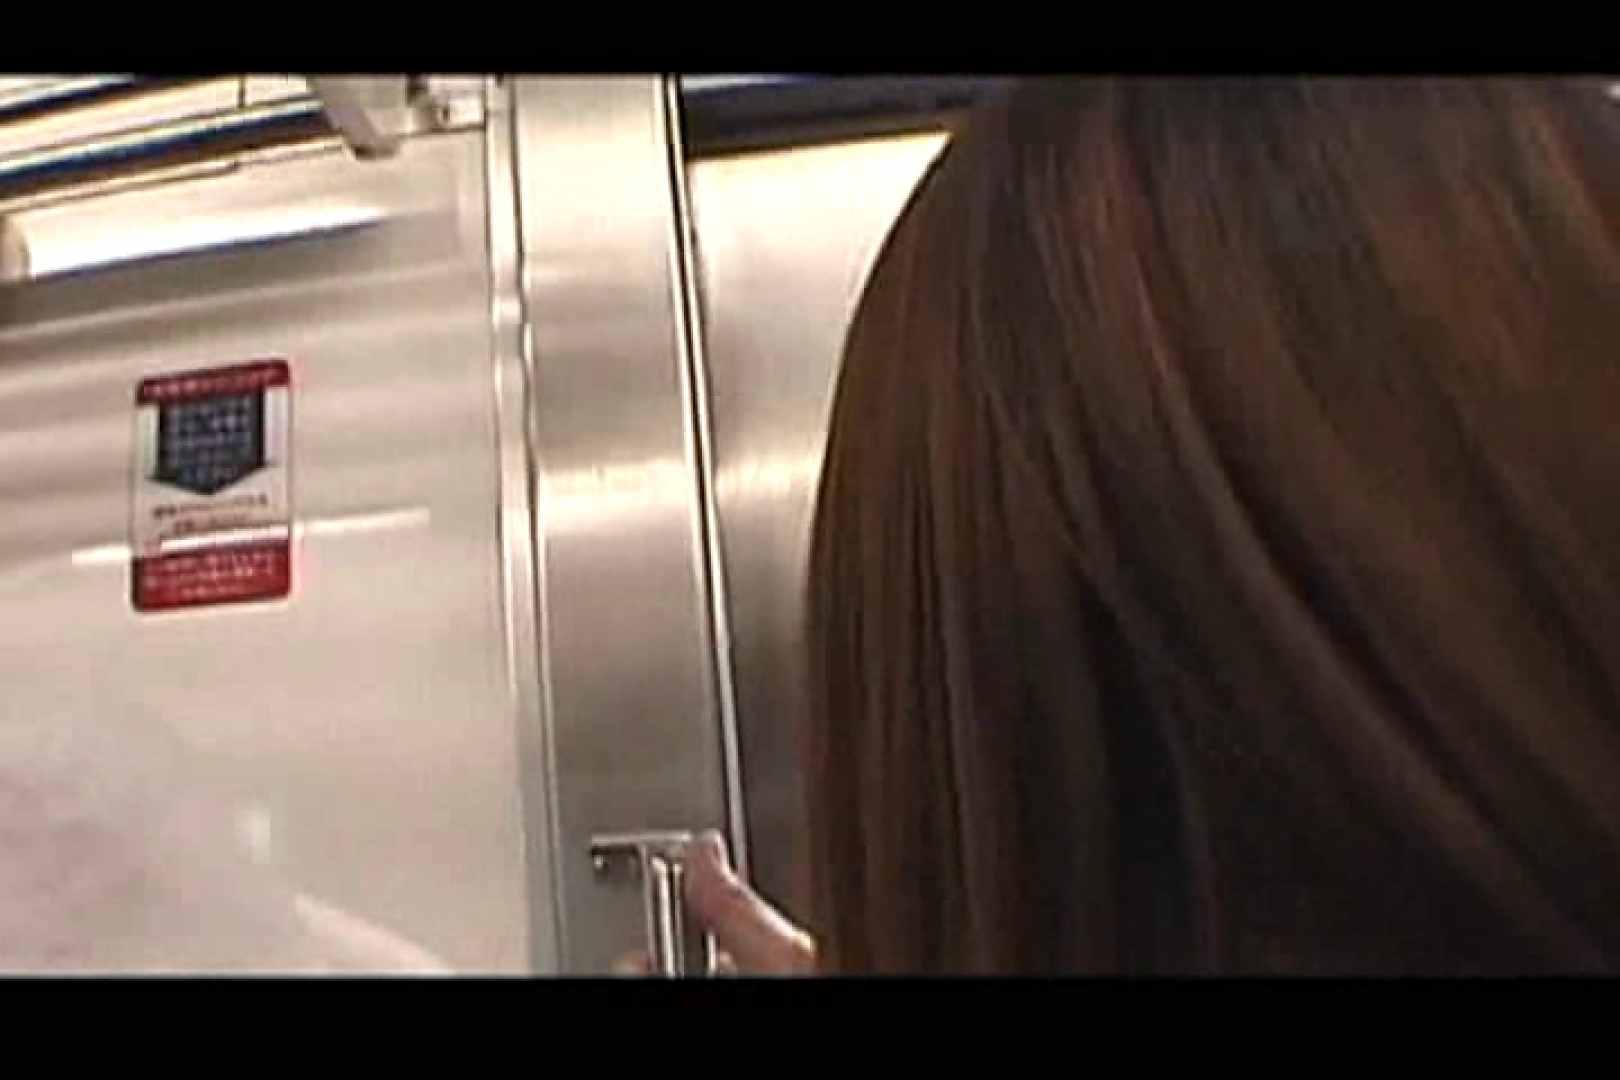 ぶっ掛け電車 只今運行中Vol.4 車 オメコ無修正動画無料 90連発 23